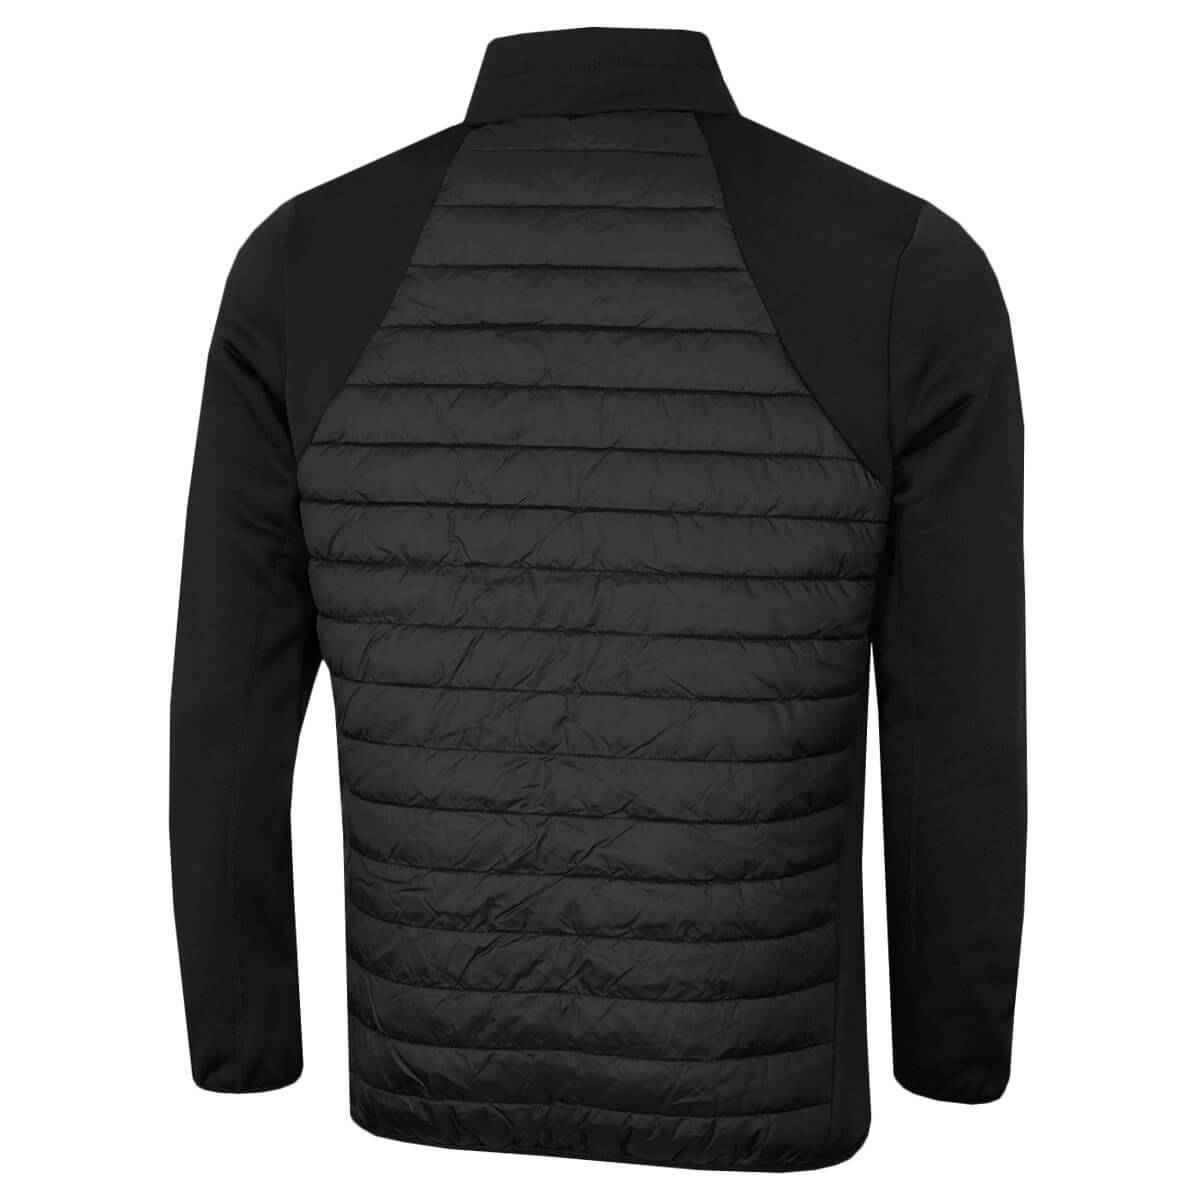 Calvin-Klein-Mens-2020-CK-Hybrid-Insulate-Lightweight-Jacket-35-OFF-RRP thumbnail 3